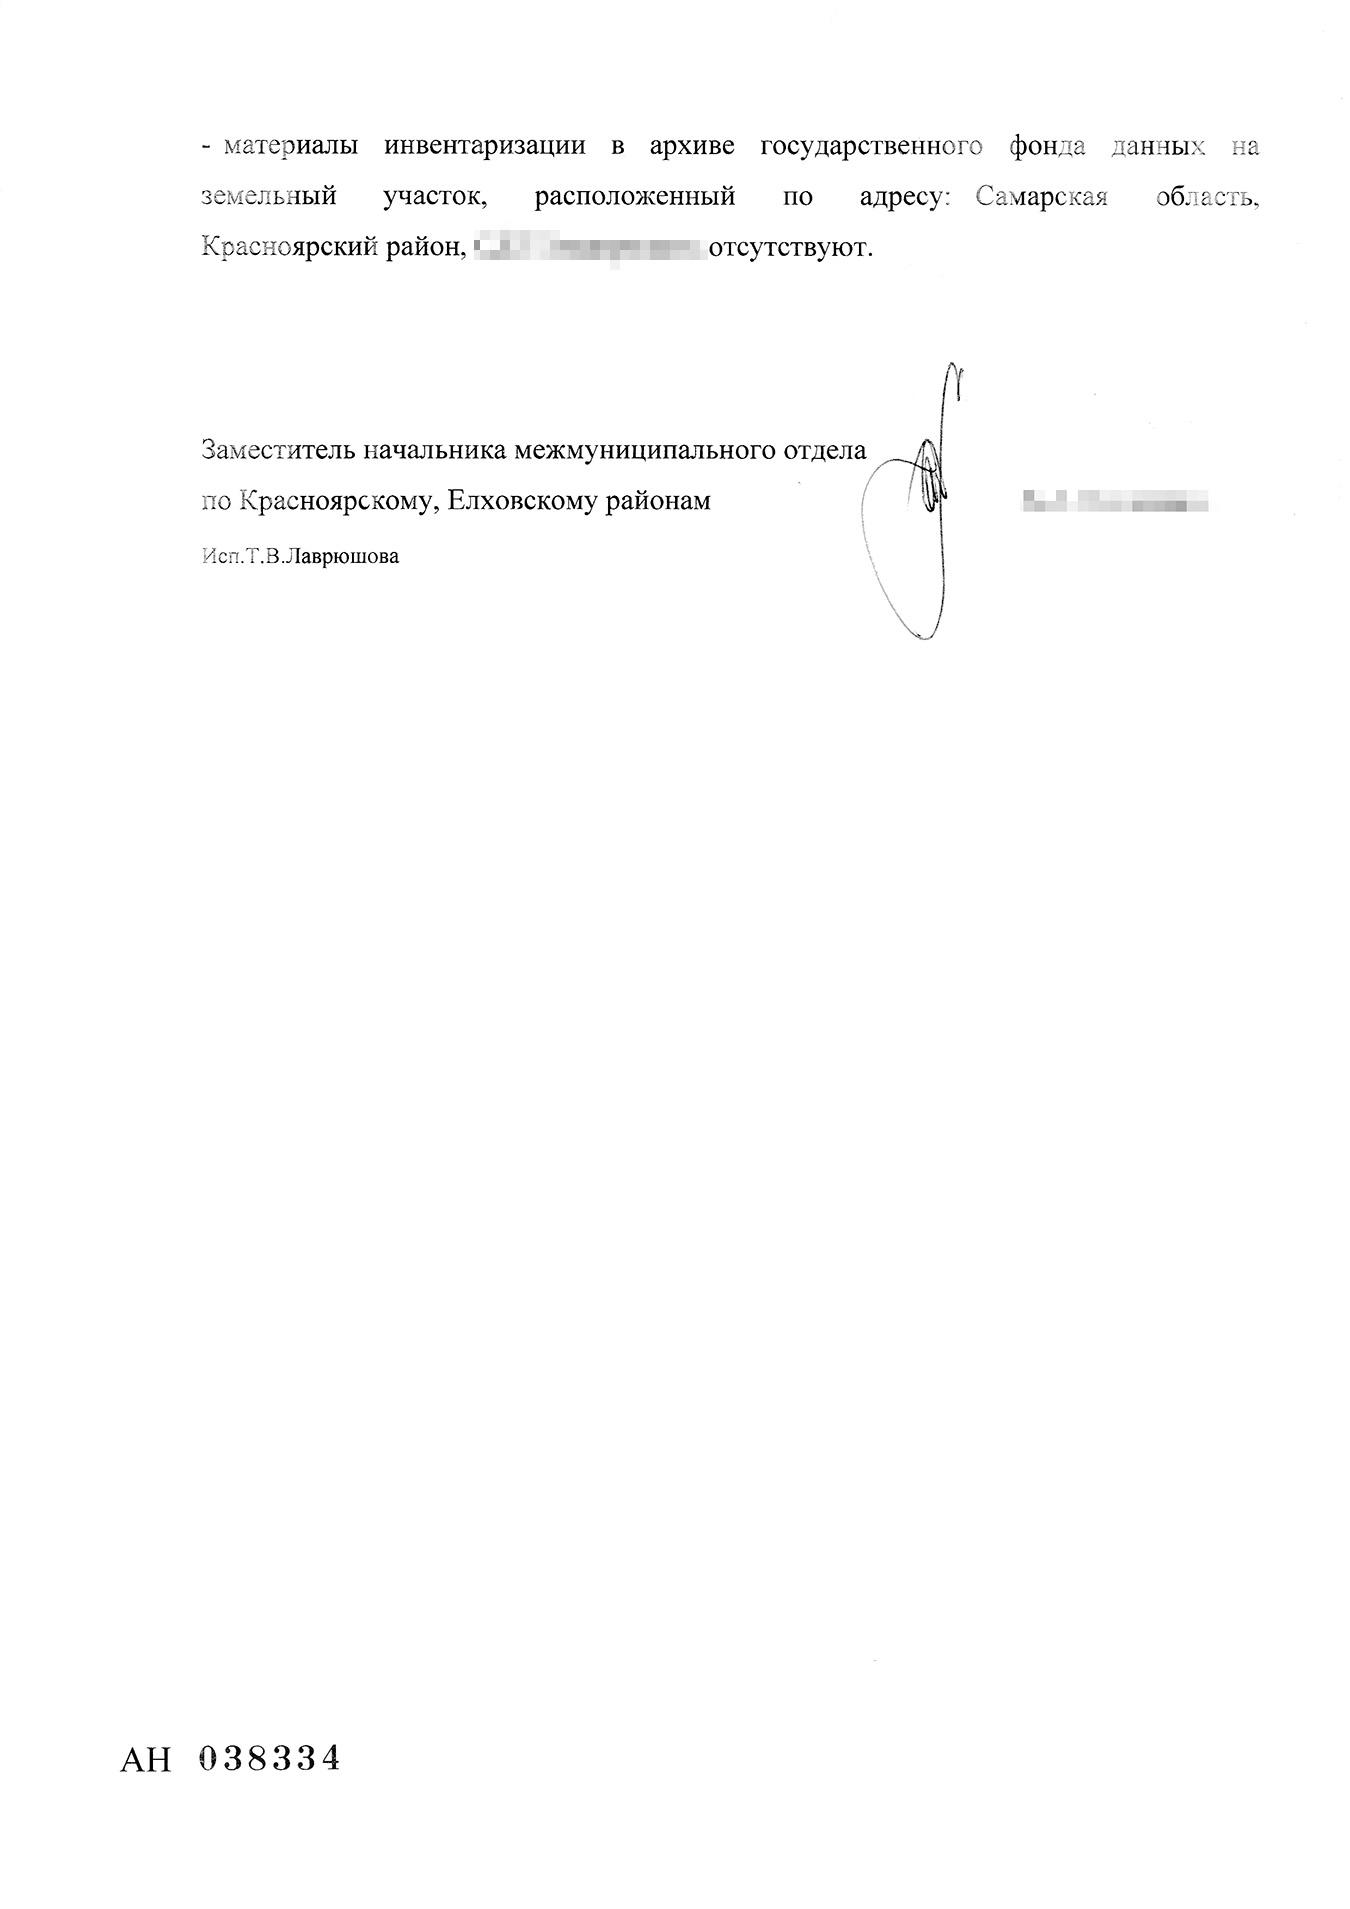 Ответ Росреестра о том, что данных об участке в архиве государственного фонда нет